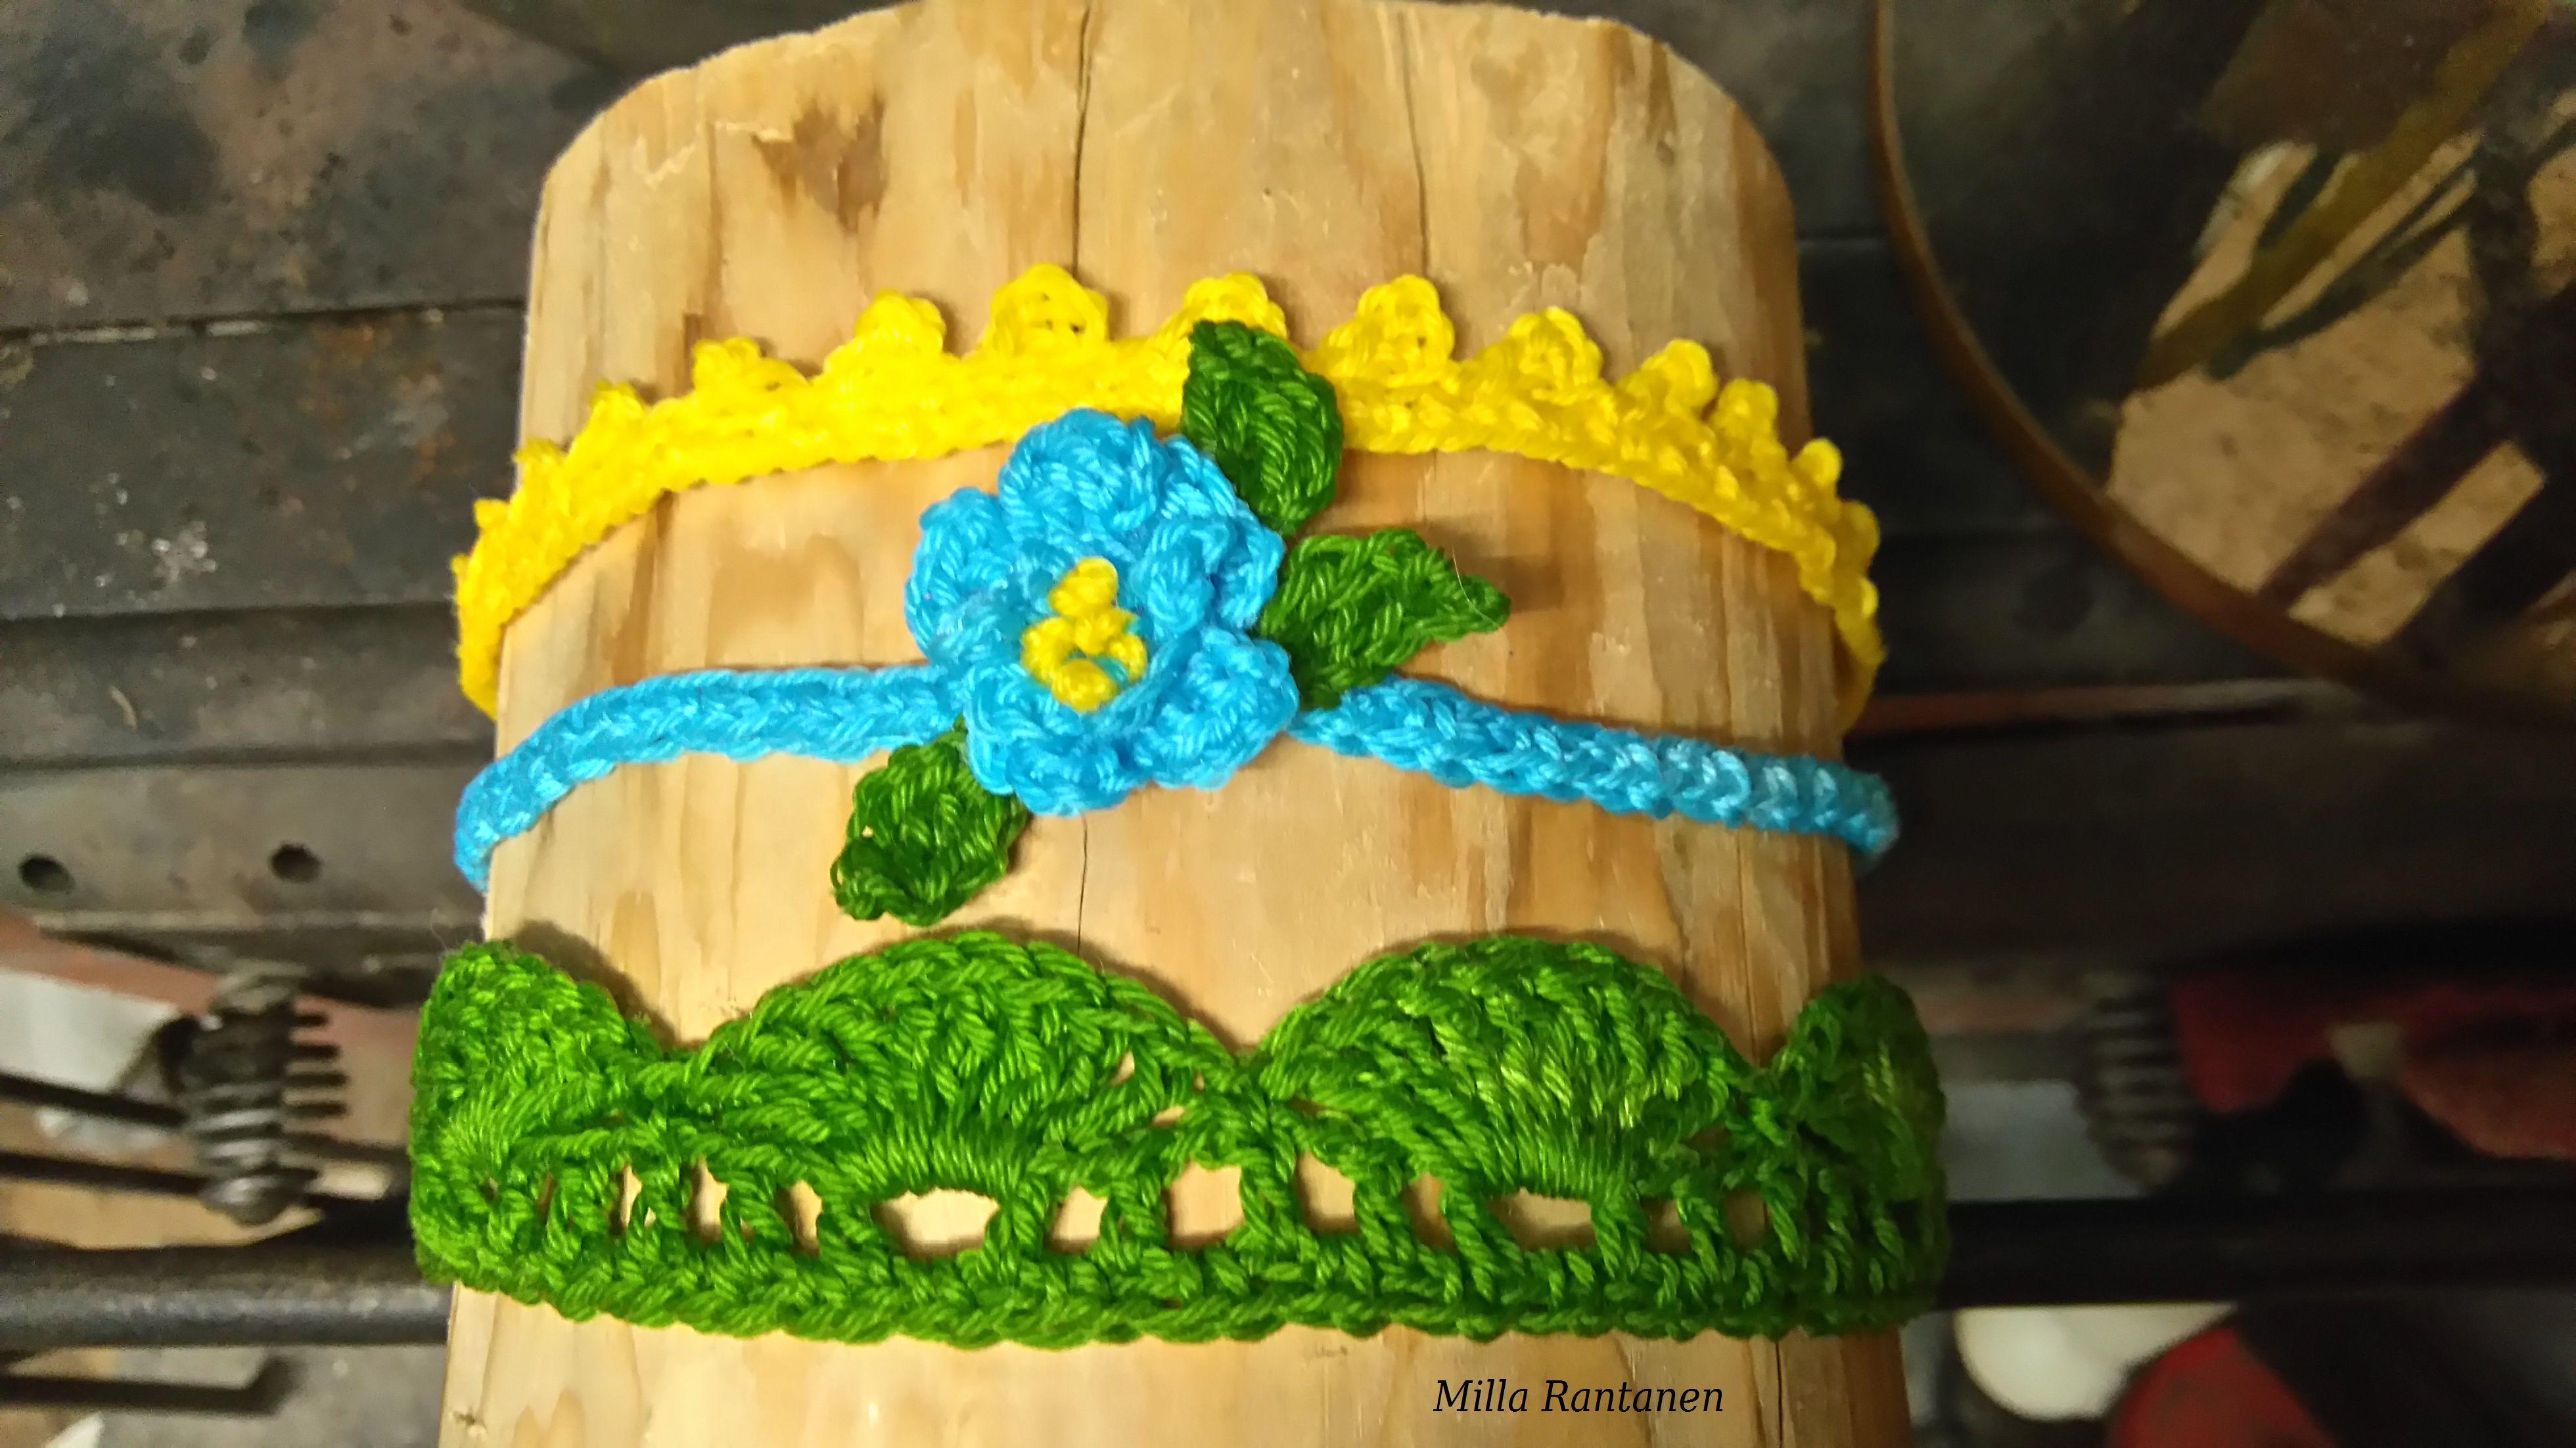 Virkatut hiuspannat tukilla kuivumassa kevyen tärkkäyksen jälkeen.Crocheted headbands.